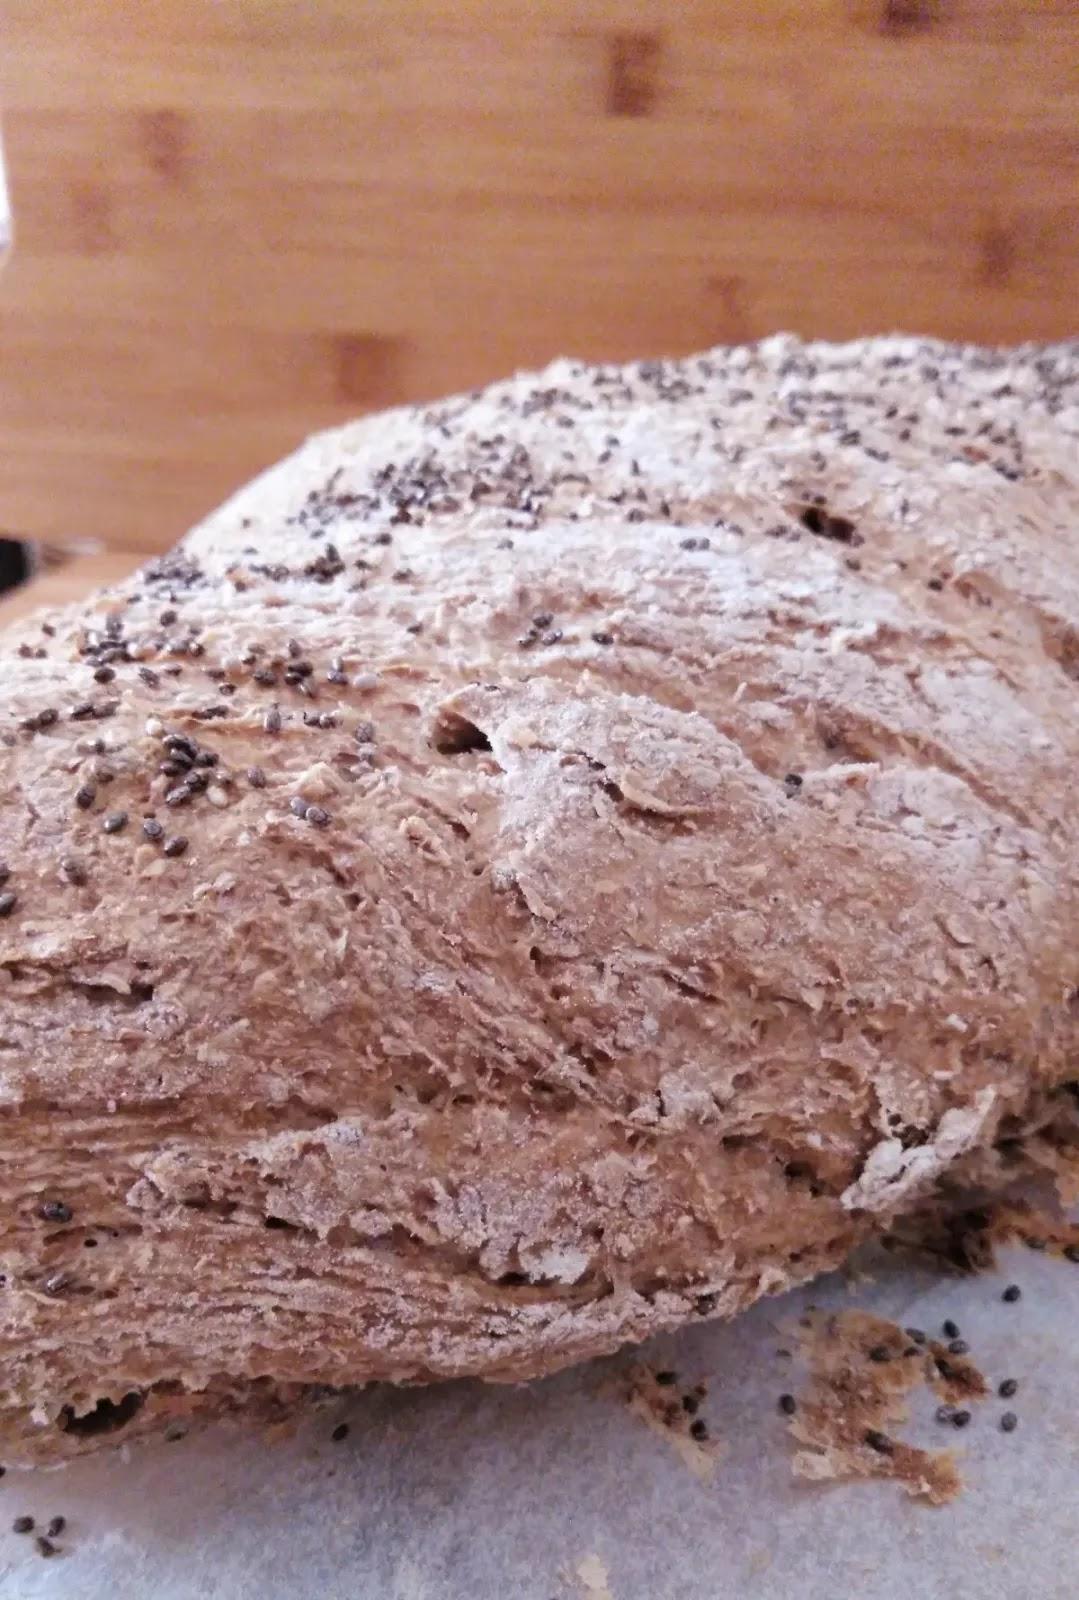 Receta de pan integral casero con panificadora y con levadura fresca de panadería